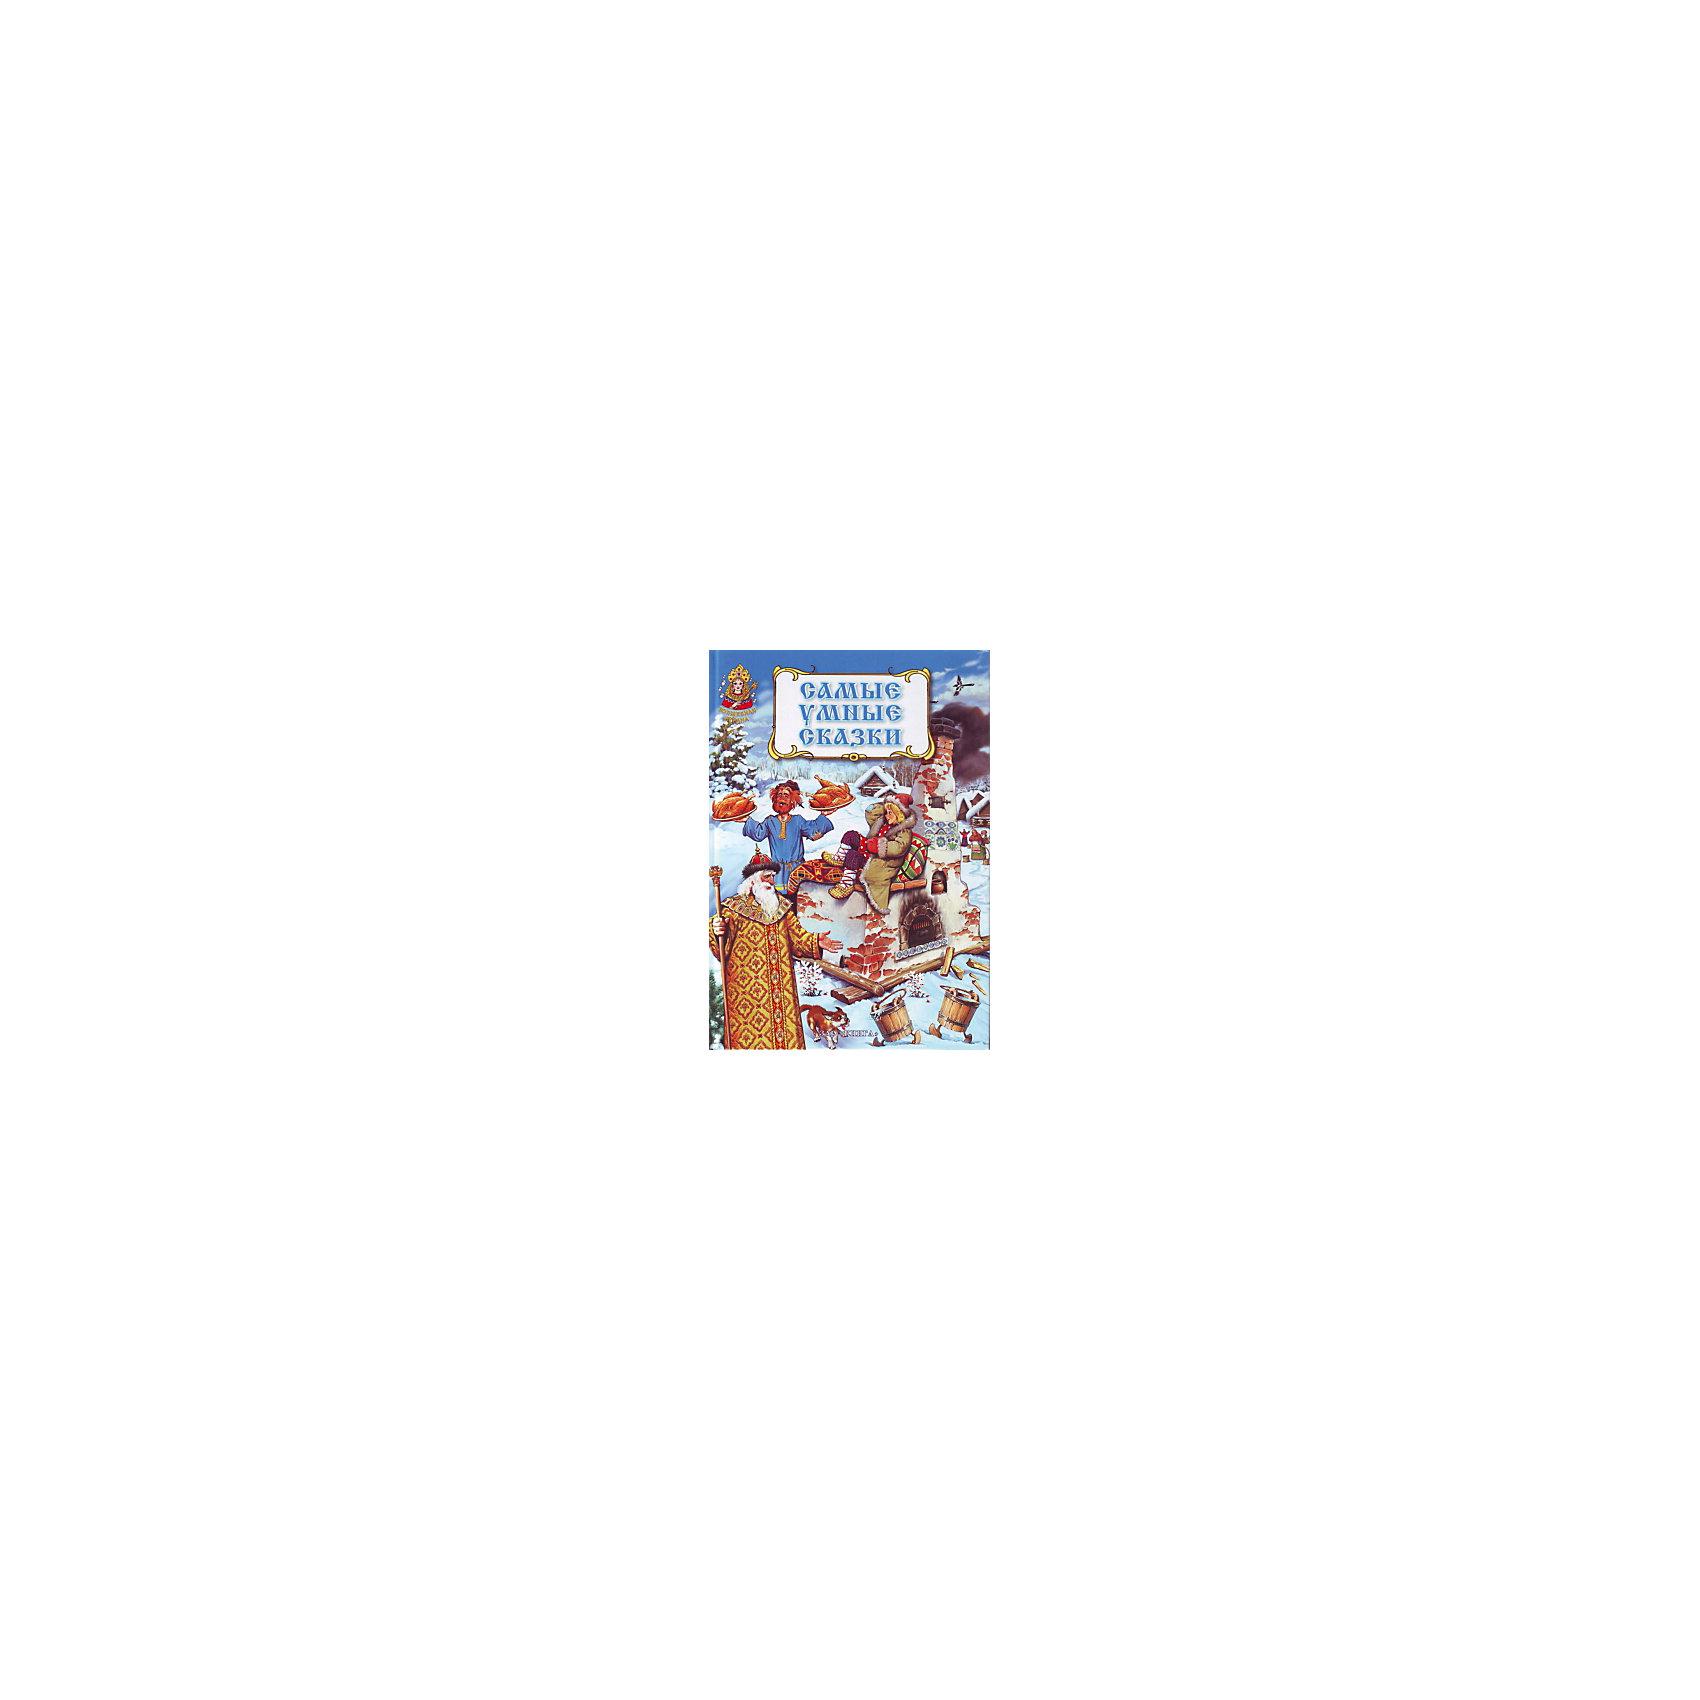 Самые умные сказки: серия сказок Волшебная странаРусские сказки<br>Самые умные сказки. Серия сказок Волшебная страна.<br><br>Характеристики:<br><br>• Для детей в возрасте: от 3 лет<br>• Художник: Нечитайло Виктор Владимирович<br>• Издательство: ЗАО Книга<br>• Серия: Волшебная страна<br>• Тип обложки: 7Бц - твердая, целлофанированная (или лакированная)<br>• Иллюстрации: цветные<br>• Количество страниц: 128 (офсет)<br>• Размер: 247х174х12 мм.<br>• Вес: 368 гр.<br>• ISBN: 9785872594109<br><br>Красочно иллюстрированная книга русских народных сказок займёт достойное место в домашней библиотеке. В книгу вошли русские народные сказки в обработке известных авторов. Интересный сюжет сказок захватит внимание вашего малыша. Выразительные и яркие иллюстрации помогут ребенку лучше воспринимать текст. Для дошкольного и младшего школьного возраста.<br><br>Красочно иллюстрированная книга русских народных сказок.<br>- Дочь-семилетка<br>- По щучьему веленью<br>- Умный работник<br>- Иванушко-дурачок<br>- Вещий сон<br>- Мена<br>- Как мужик гусей делил<br>- Дурак и береза<br>- Мудрые ответы<br>- Мальчик-с-пальчик<br><br><br>Книгу Самые умные сказки. Серия сказок Волшебная страна можно купить в нашем интернет-магазине.<br><br>Ширина мм: 245<br>Глубина мм: 170<br>Высота мм: 100<br>Вес г: 500<br>Возраст от месяцев: 36<br>Возраст до месяцев: 2147483647<br>Пол: Унисекс<br>Возраст: Детский<br>SKU: 5521188